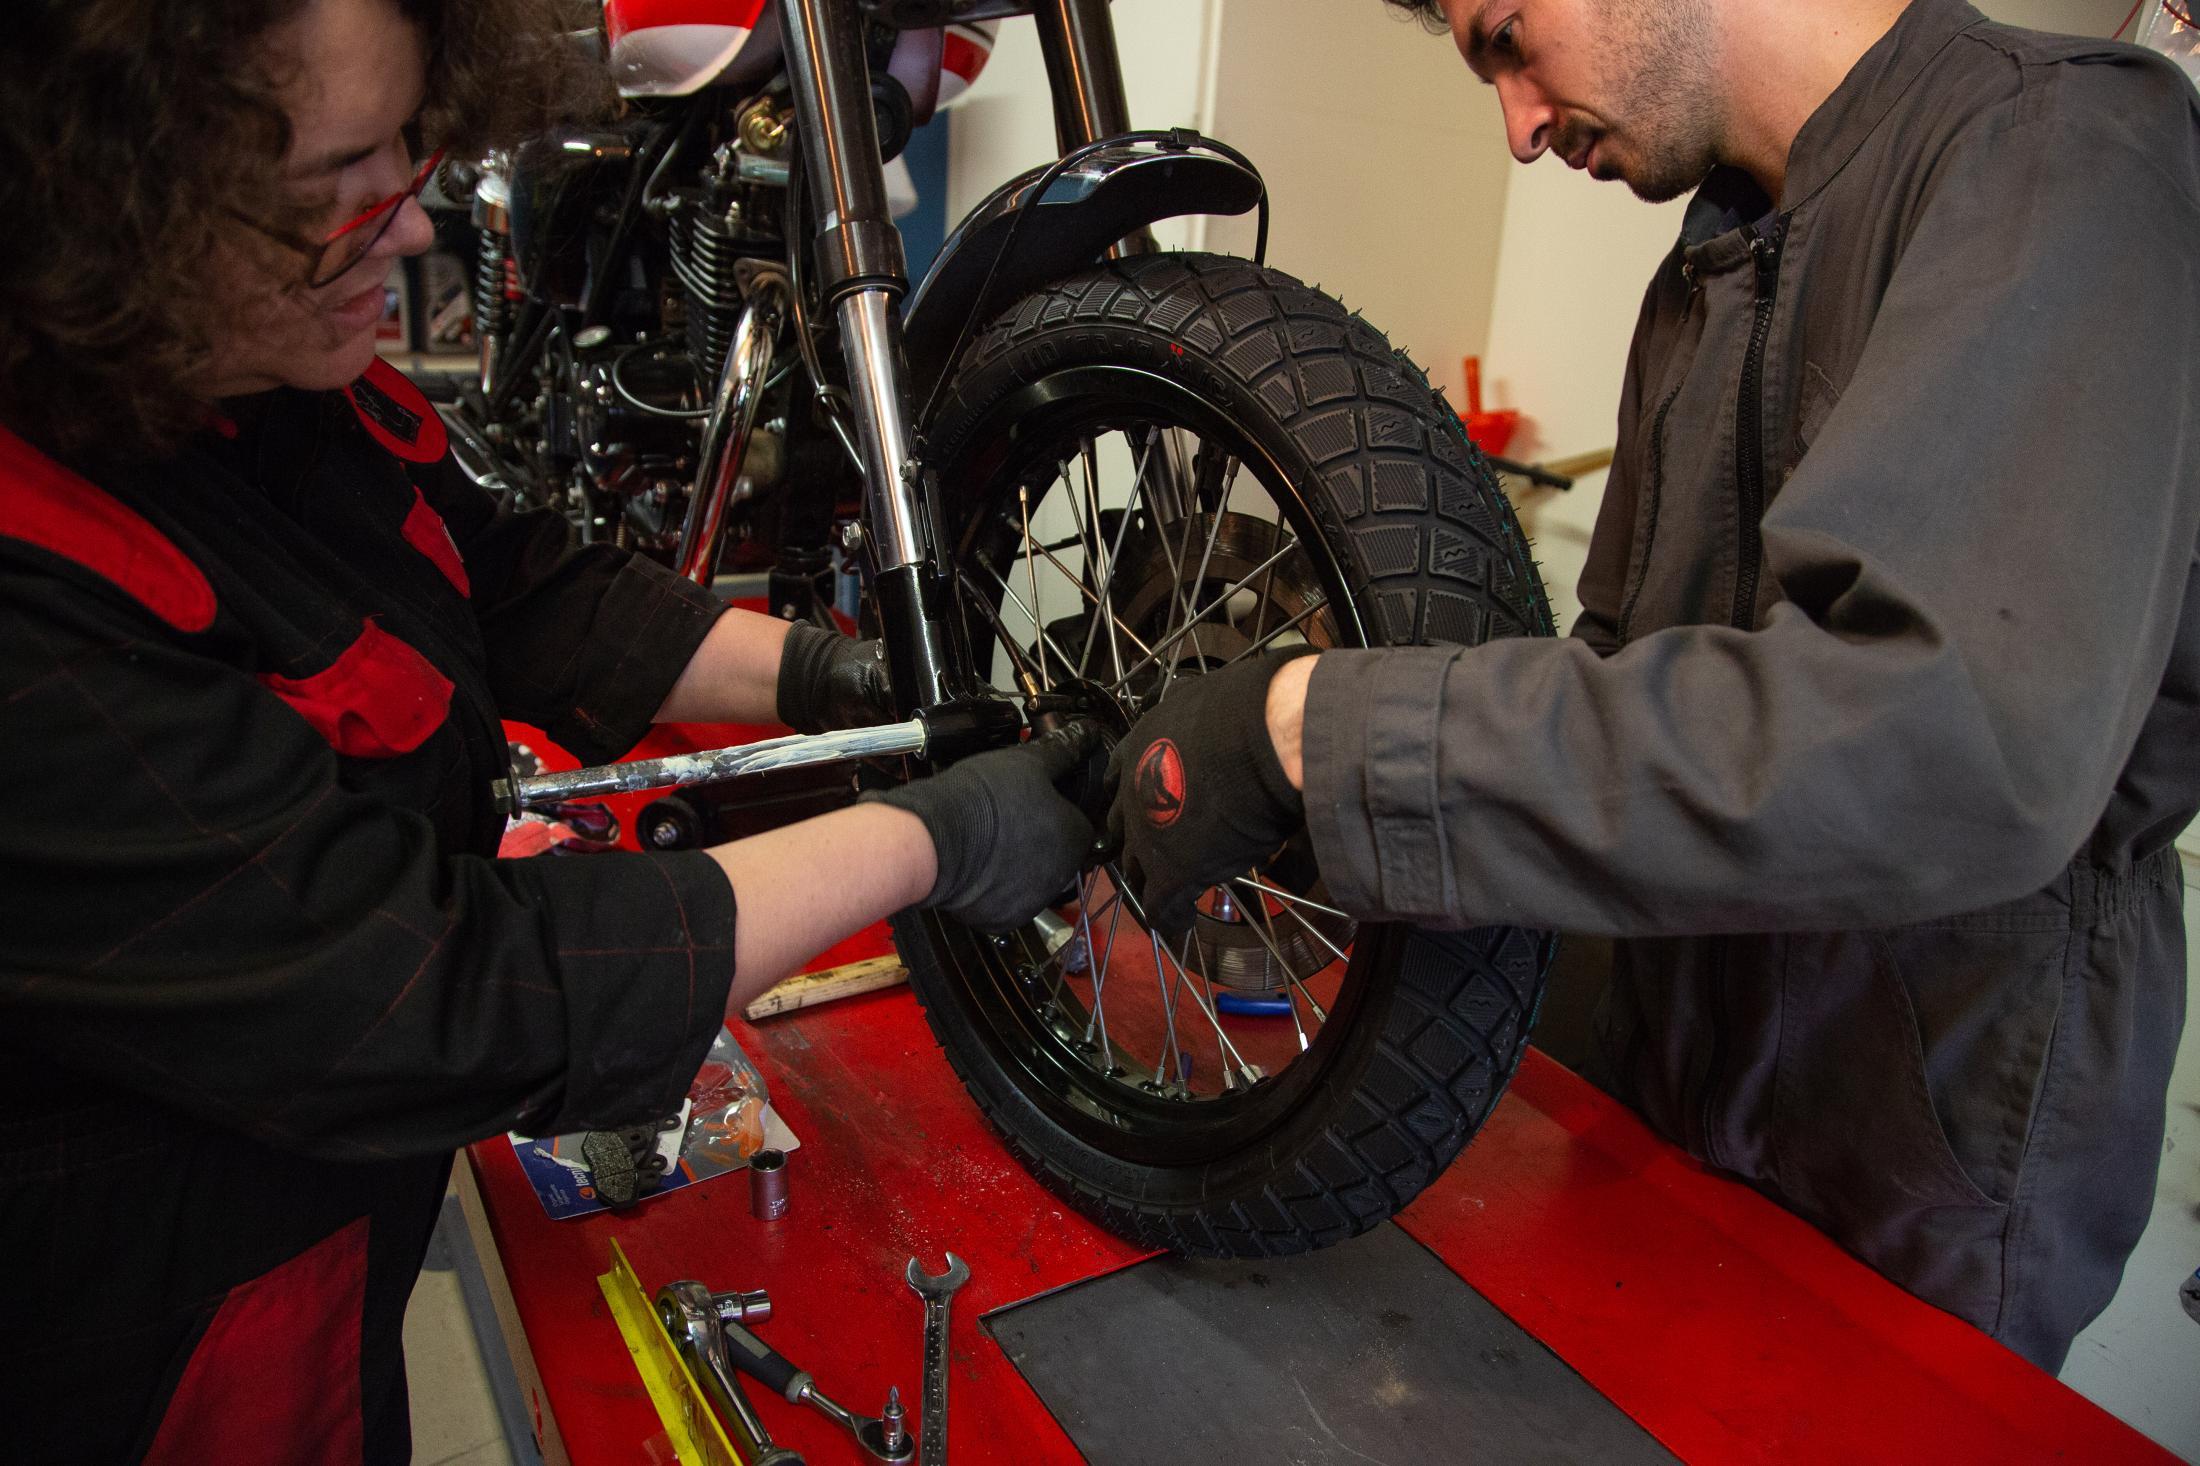 Sophie et Augustin installent ensemble la roue avant de la moto.